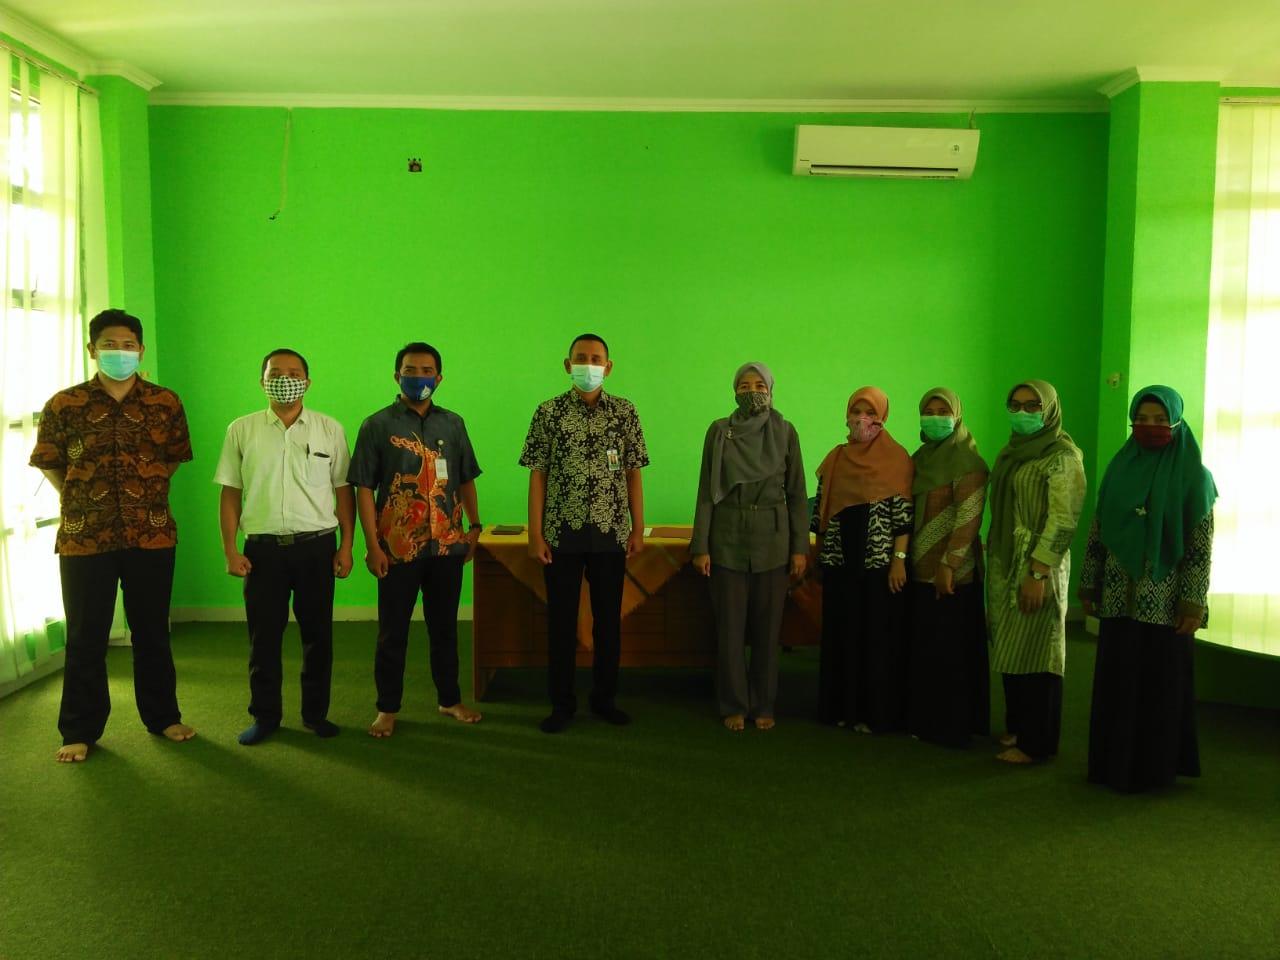 Kepala Perpustakaan IAIN SAS BABEL Umi Asih Zubaidah, S.IP menyambut baik kedatangan Kepala Perpustakaan UBB Budi Afriansyah, S.Si., M.Si. beserta rombongan, Selasa (09/02/21).